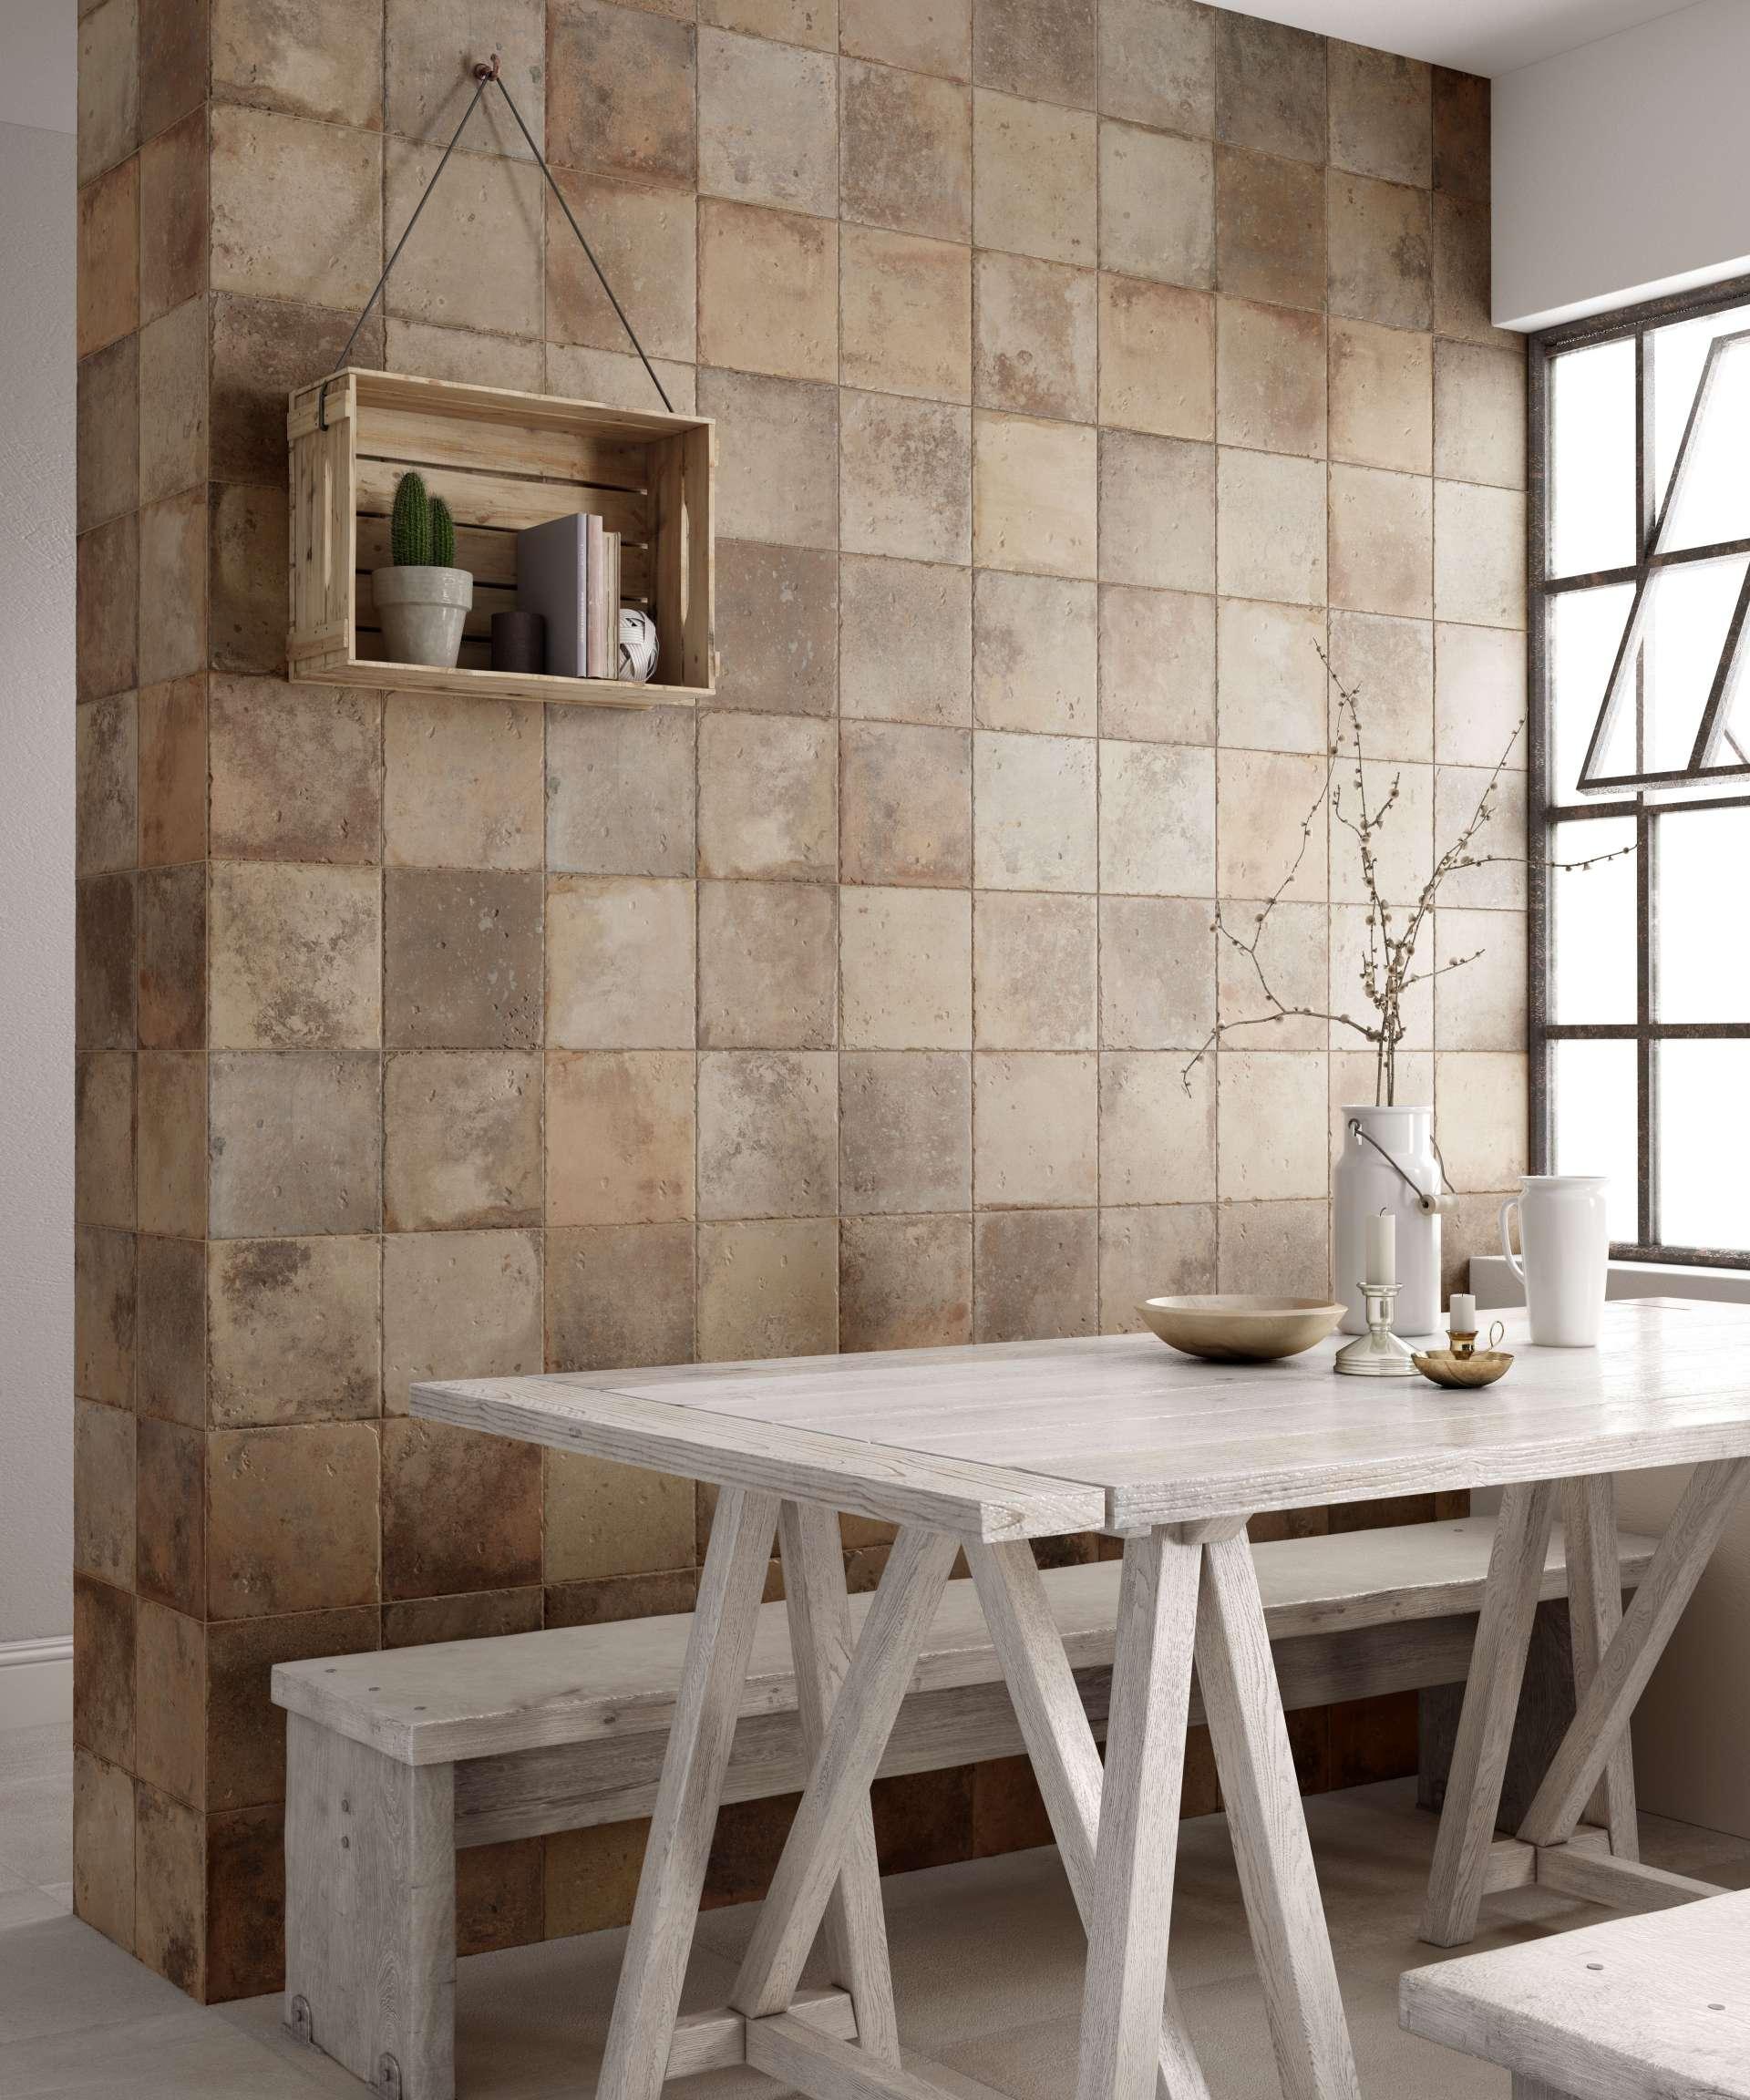 klinker peronda fs alora 45x45 kakel online tiles r us ab. Black Bedroom Furniture Sets. Home Design Ideas